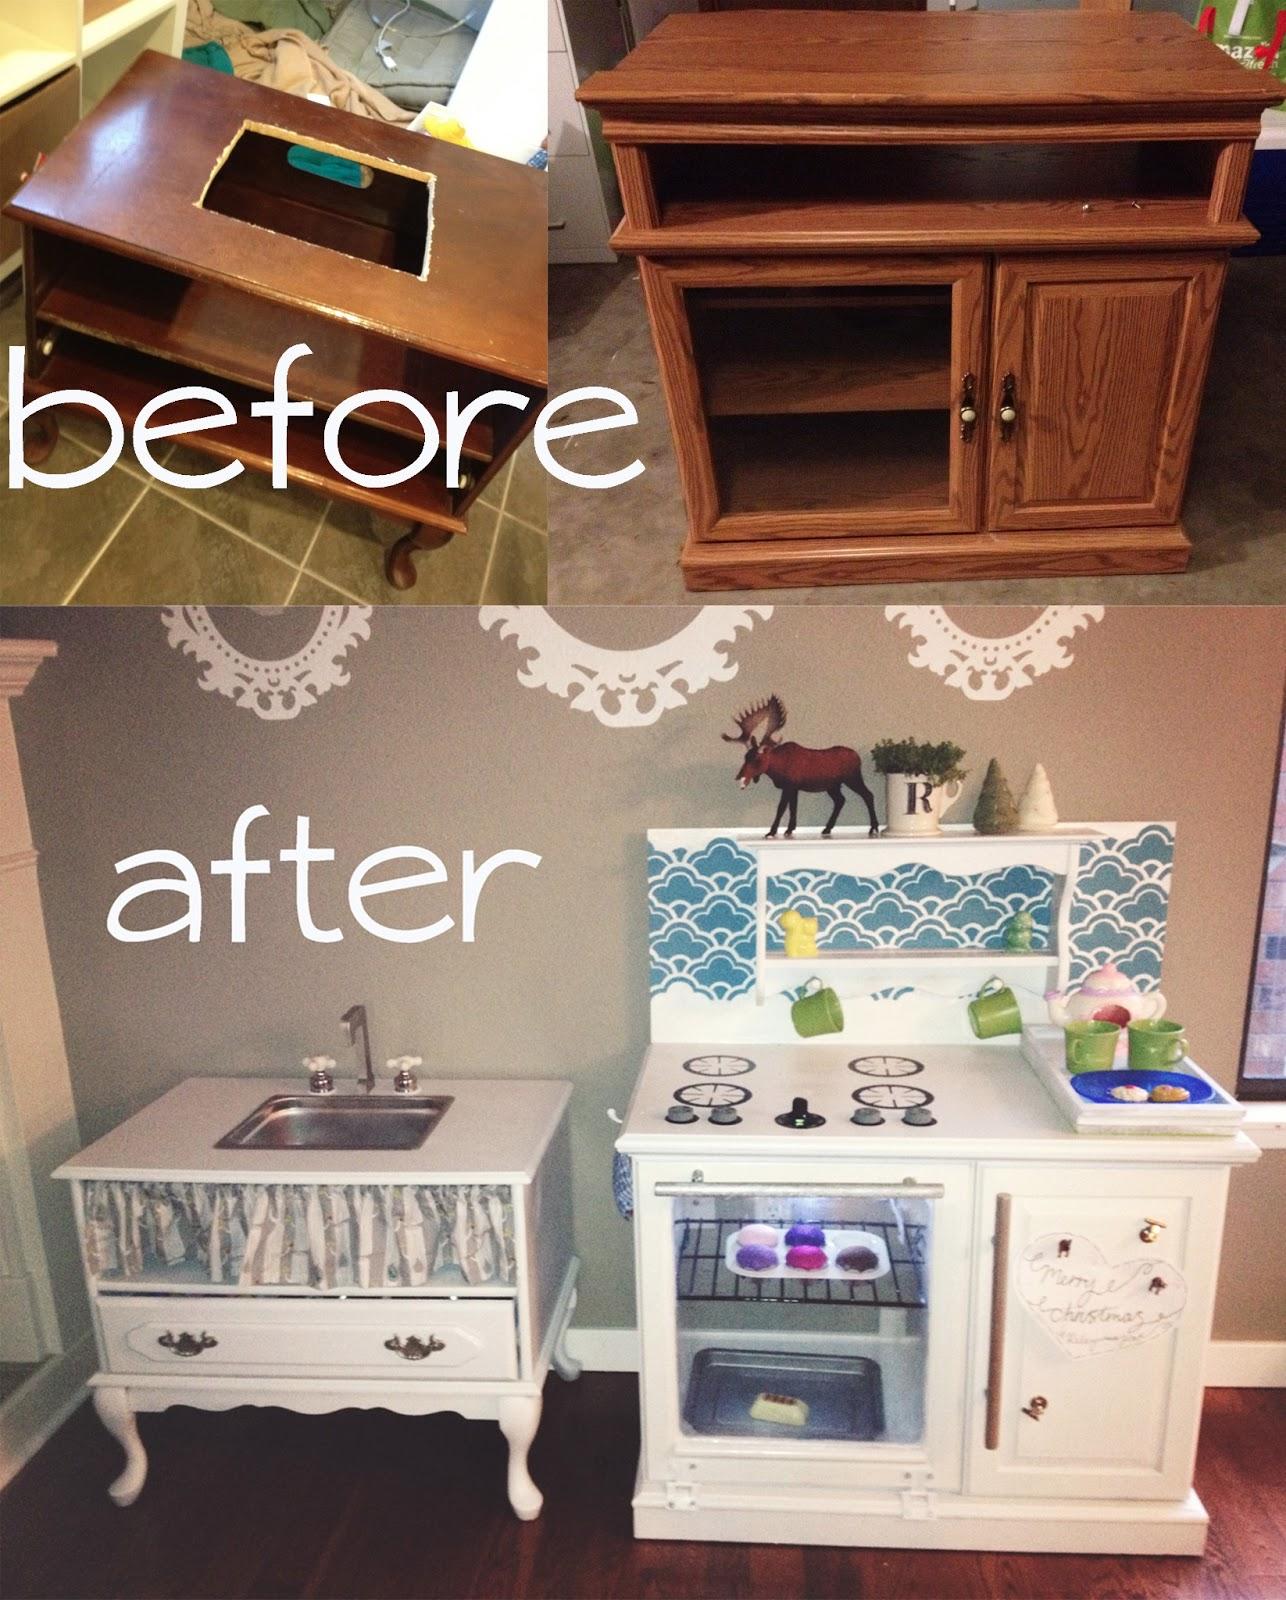 Inspiring Second Hand Cabinets 4 Dark Cherry Kitchen: Adventures In Crafting By KatyANDzucchini